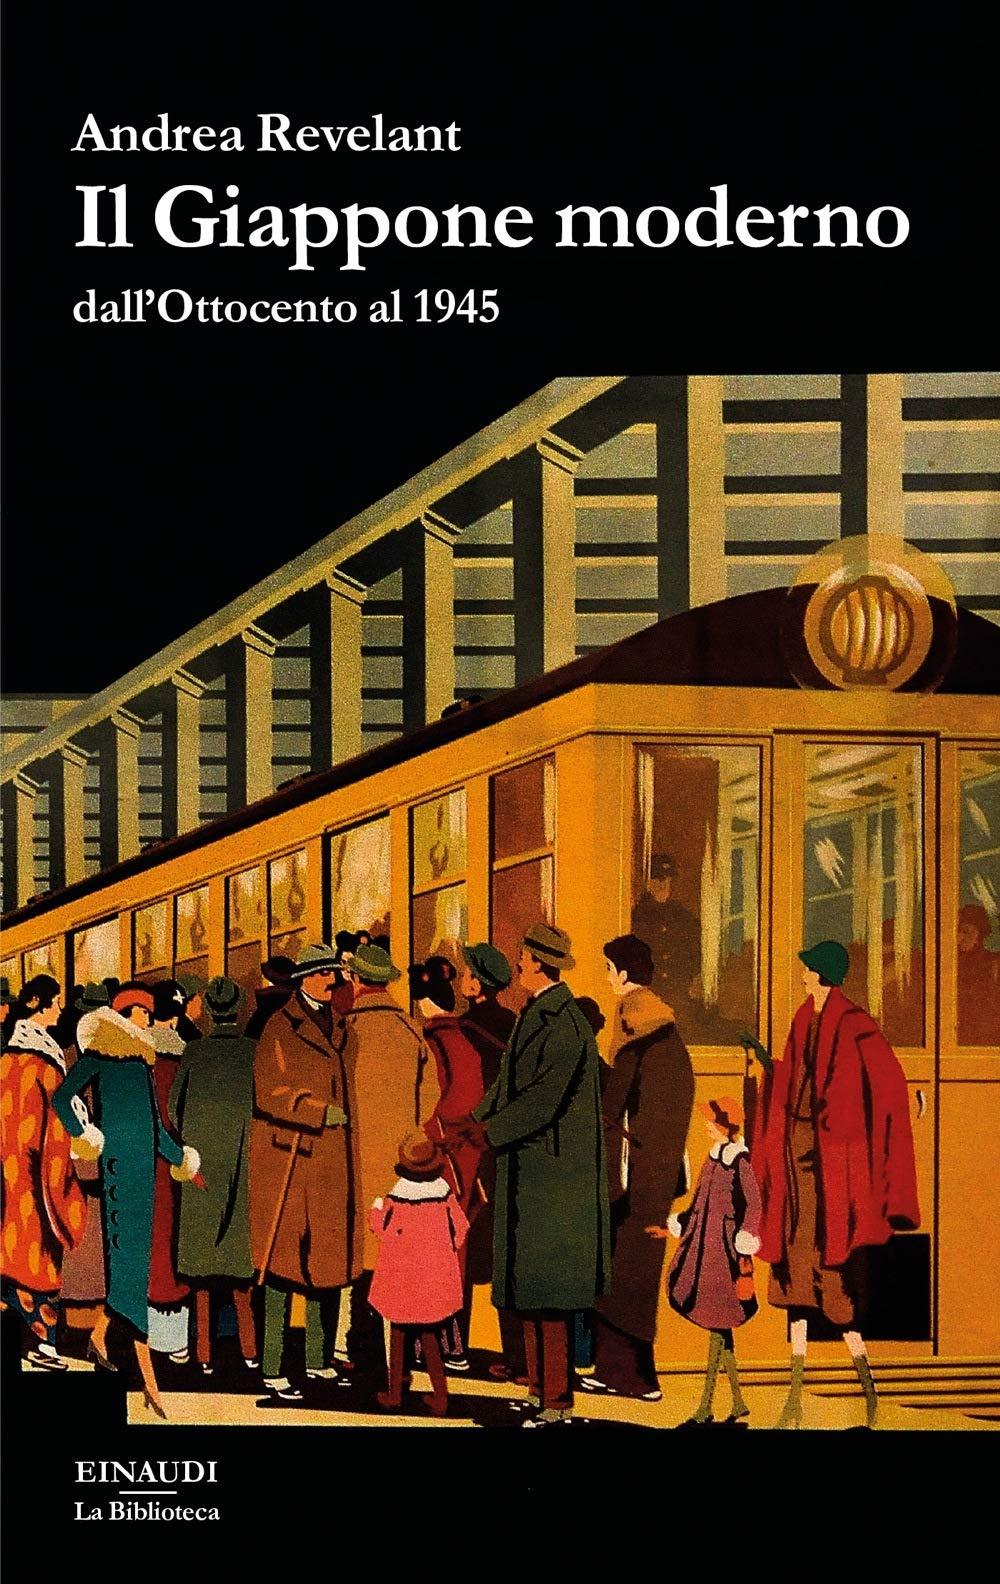 Andrea Revelant - Il Giappone moderno dall'Ottocento al 1945 (2018)